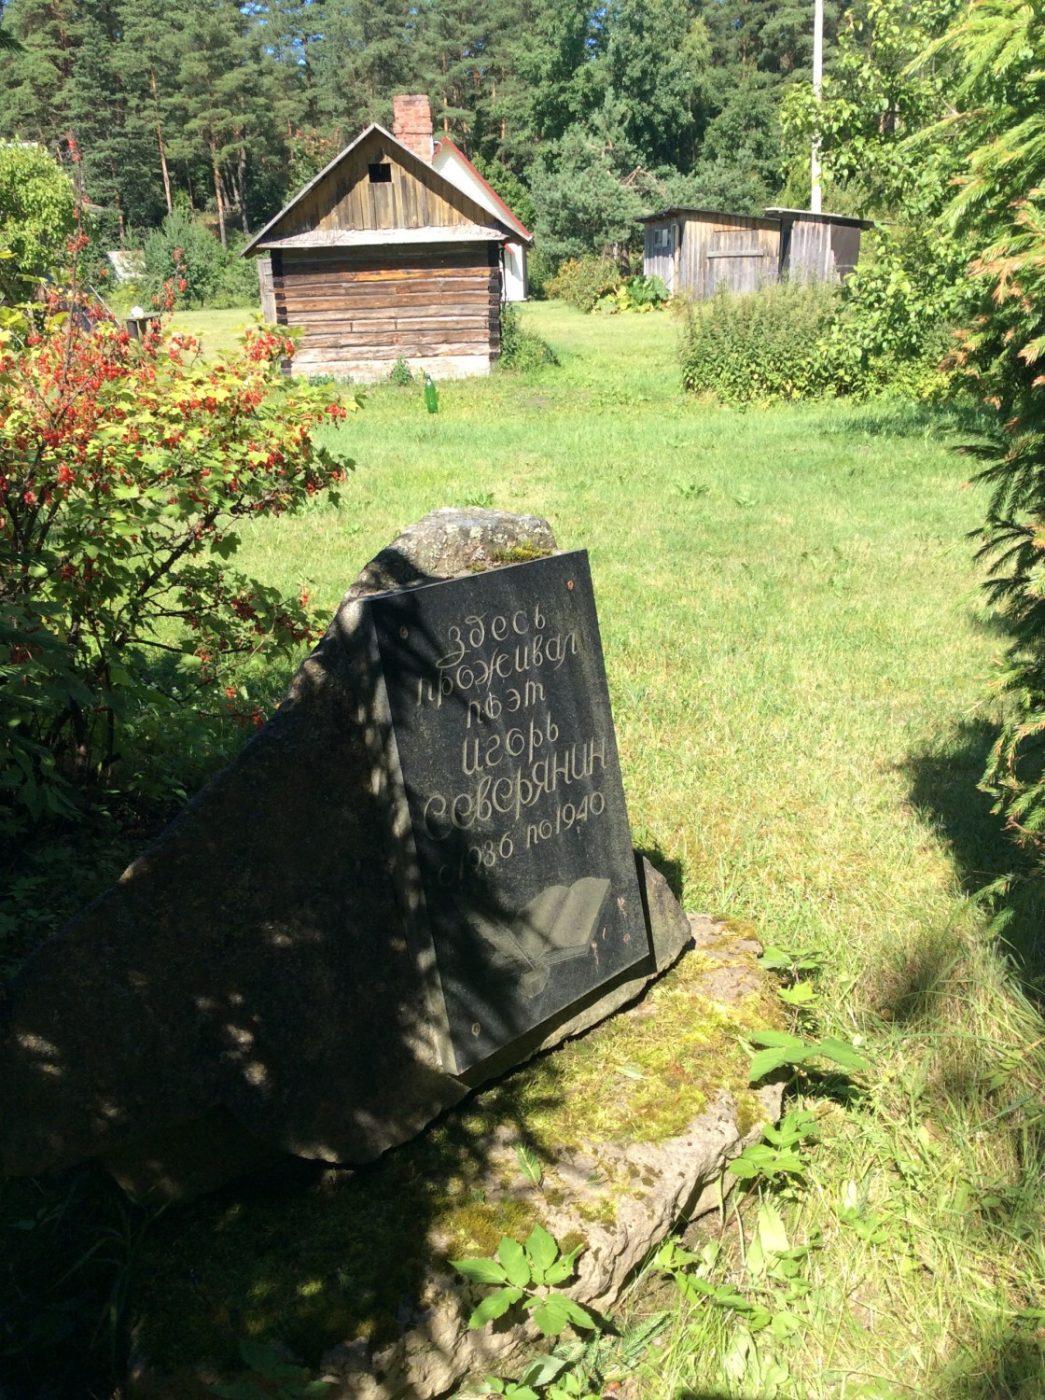 Памятный камень в честь поэта Игоря Северянин - самого известного жителя Саркюля